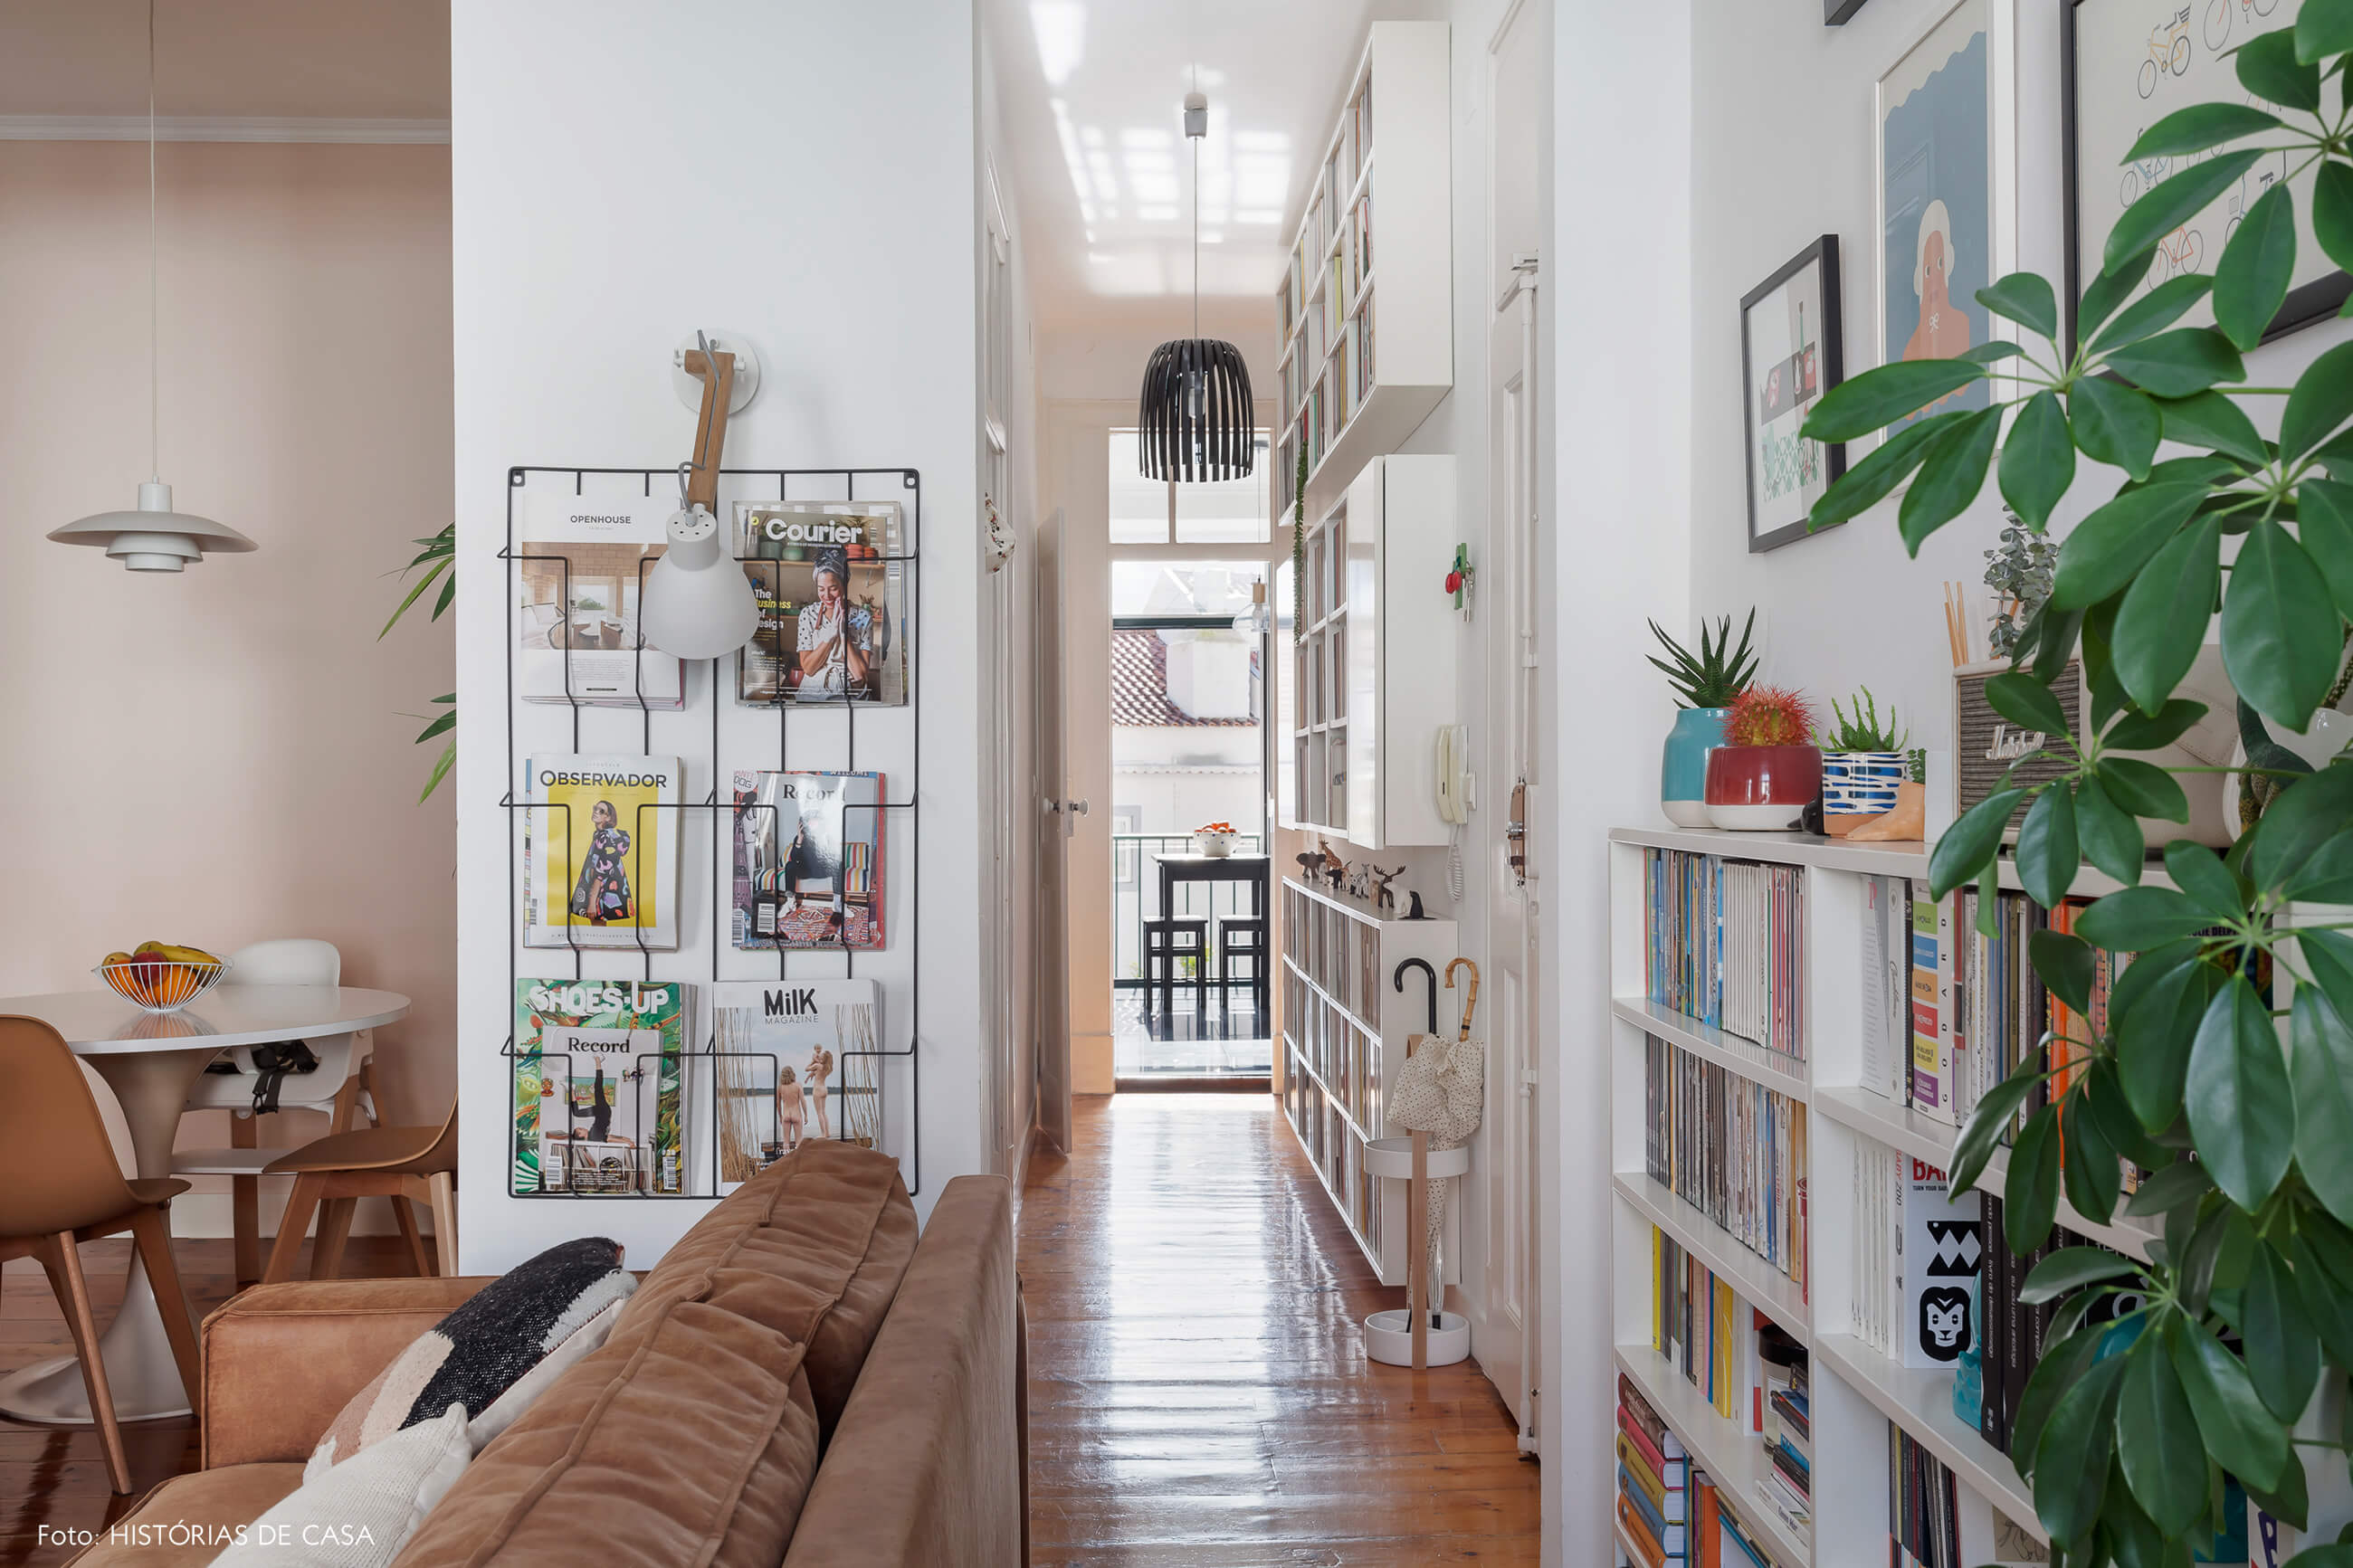 Apartamento em Portugal, corredor de entrada com muitas estantes